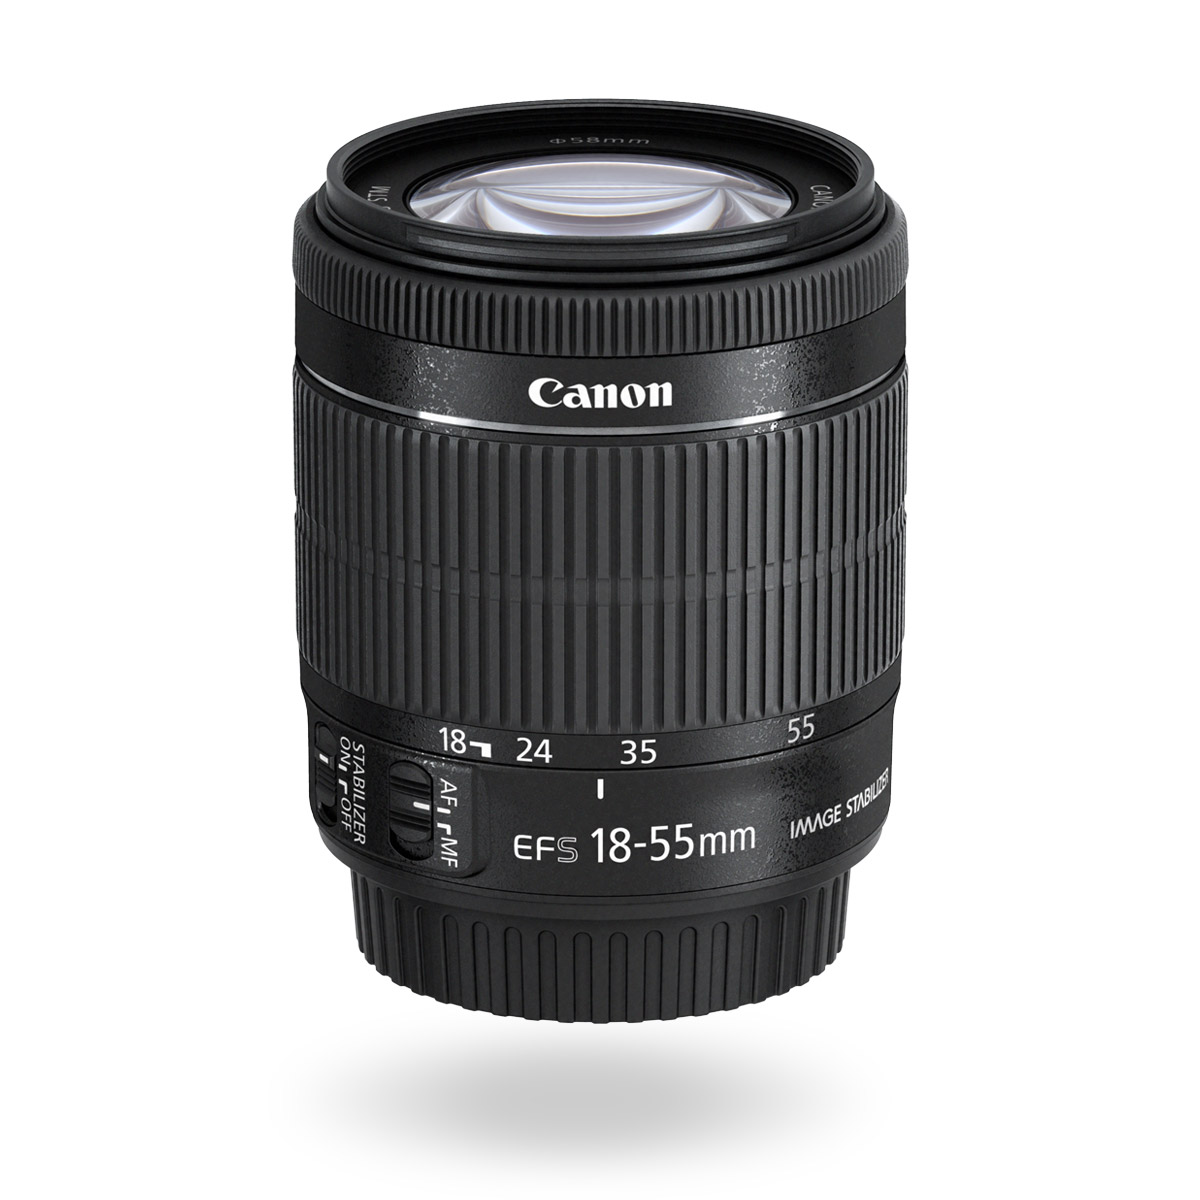 EF-S 18-55mm f/3.5-5.6 IS STM lens